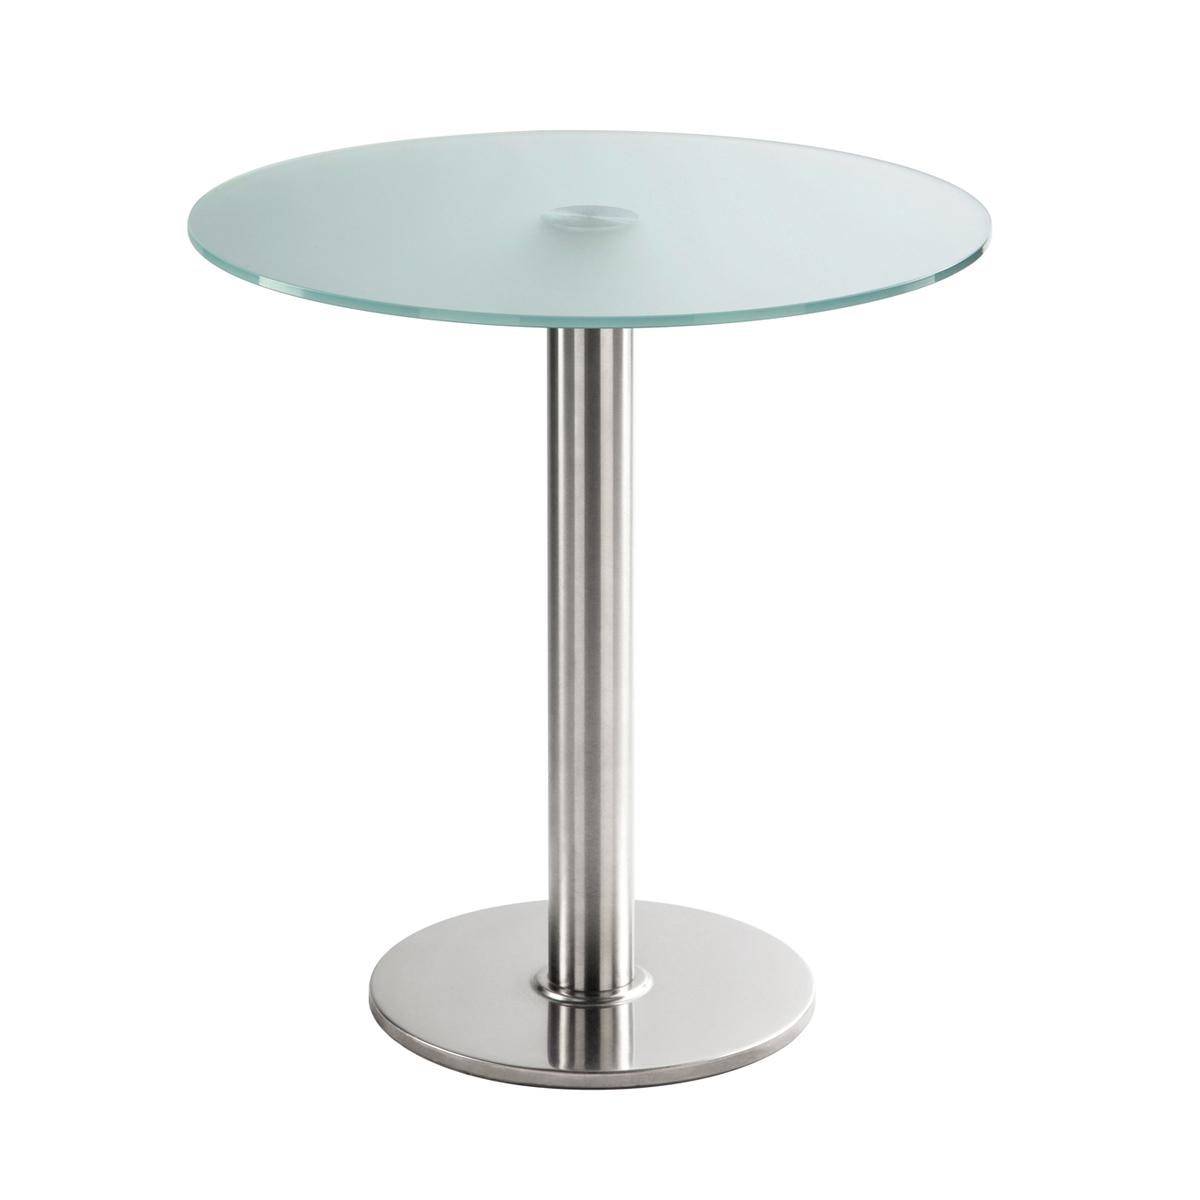 Sitztisch Chromo, rund, Satinglas